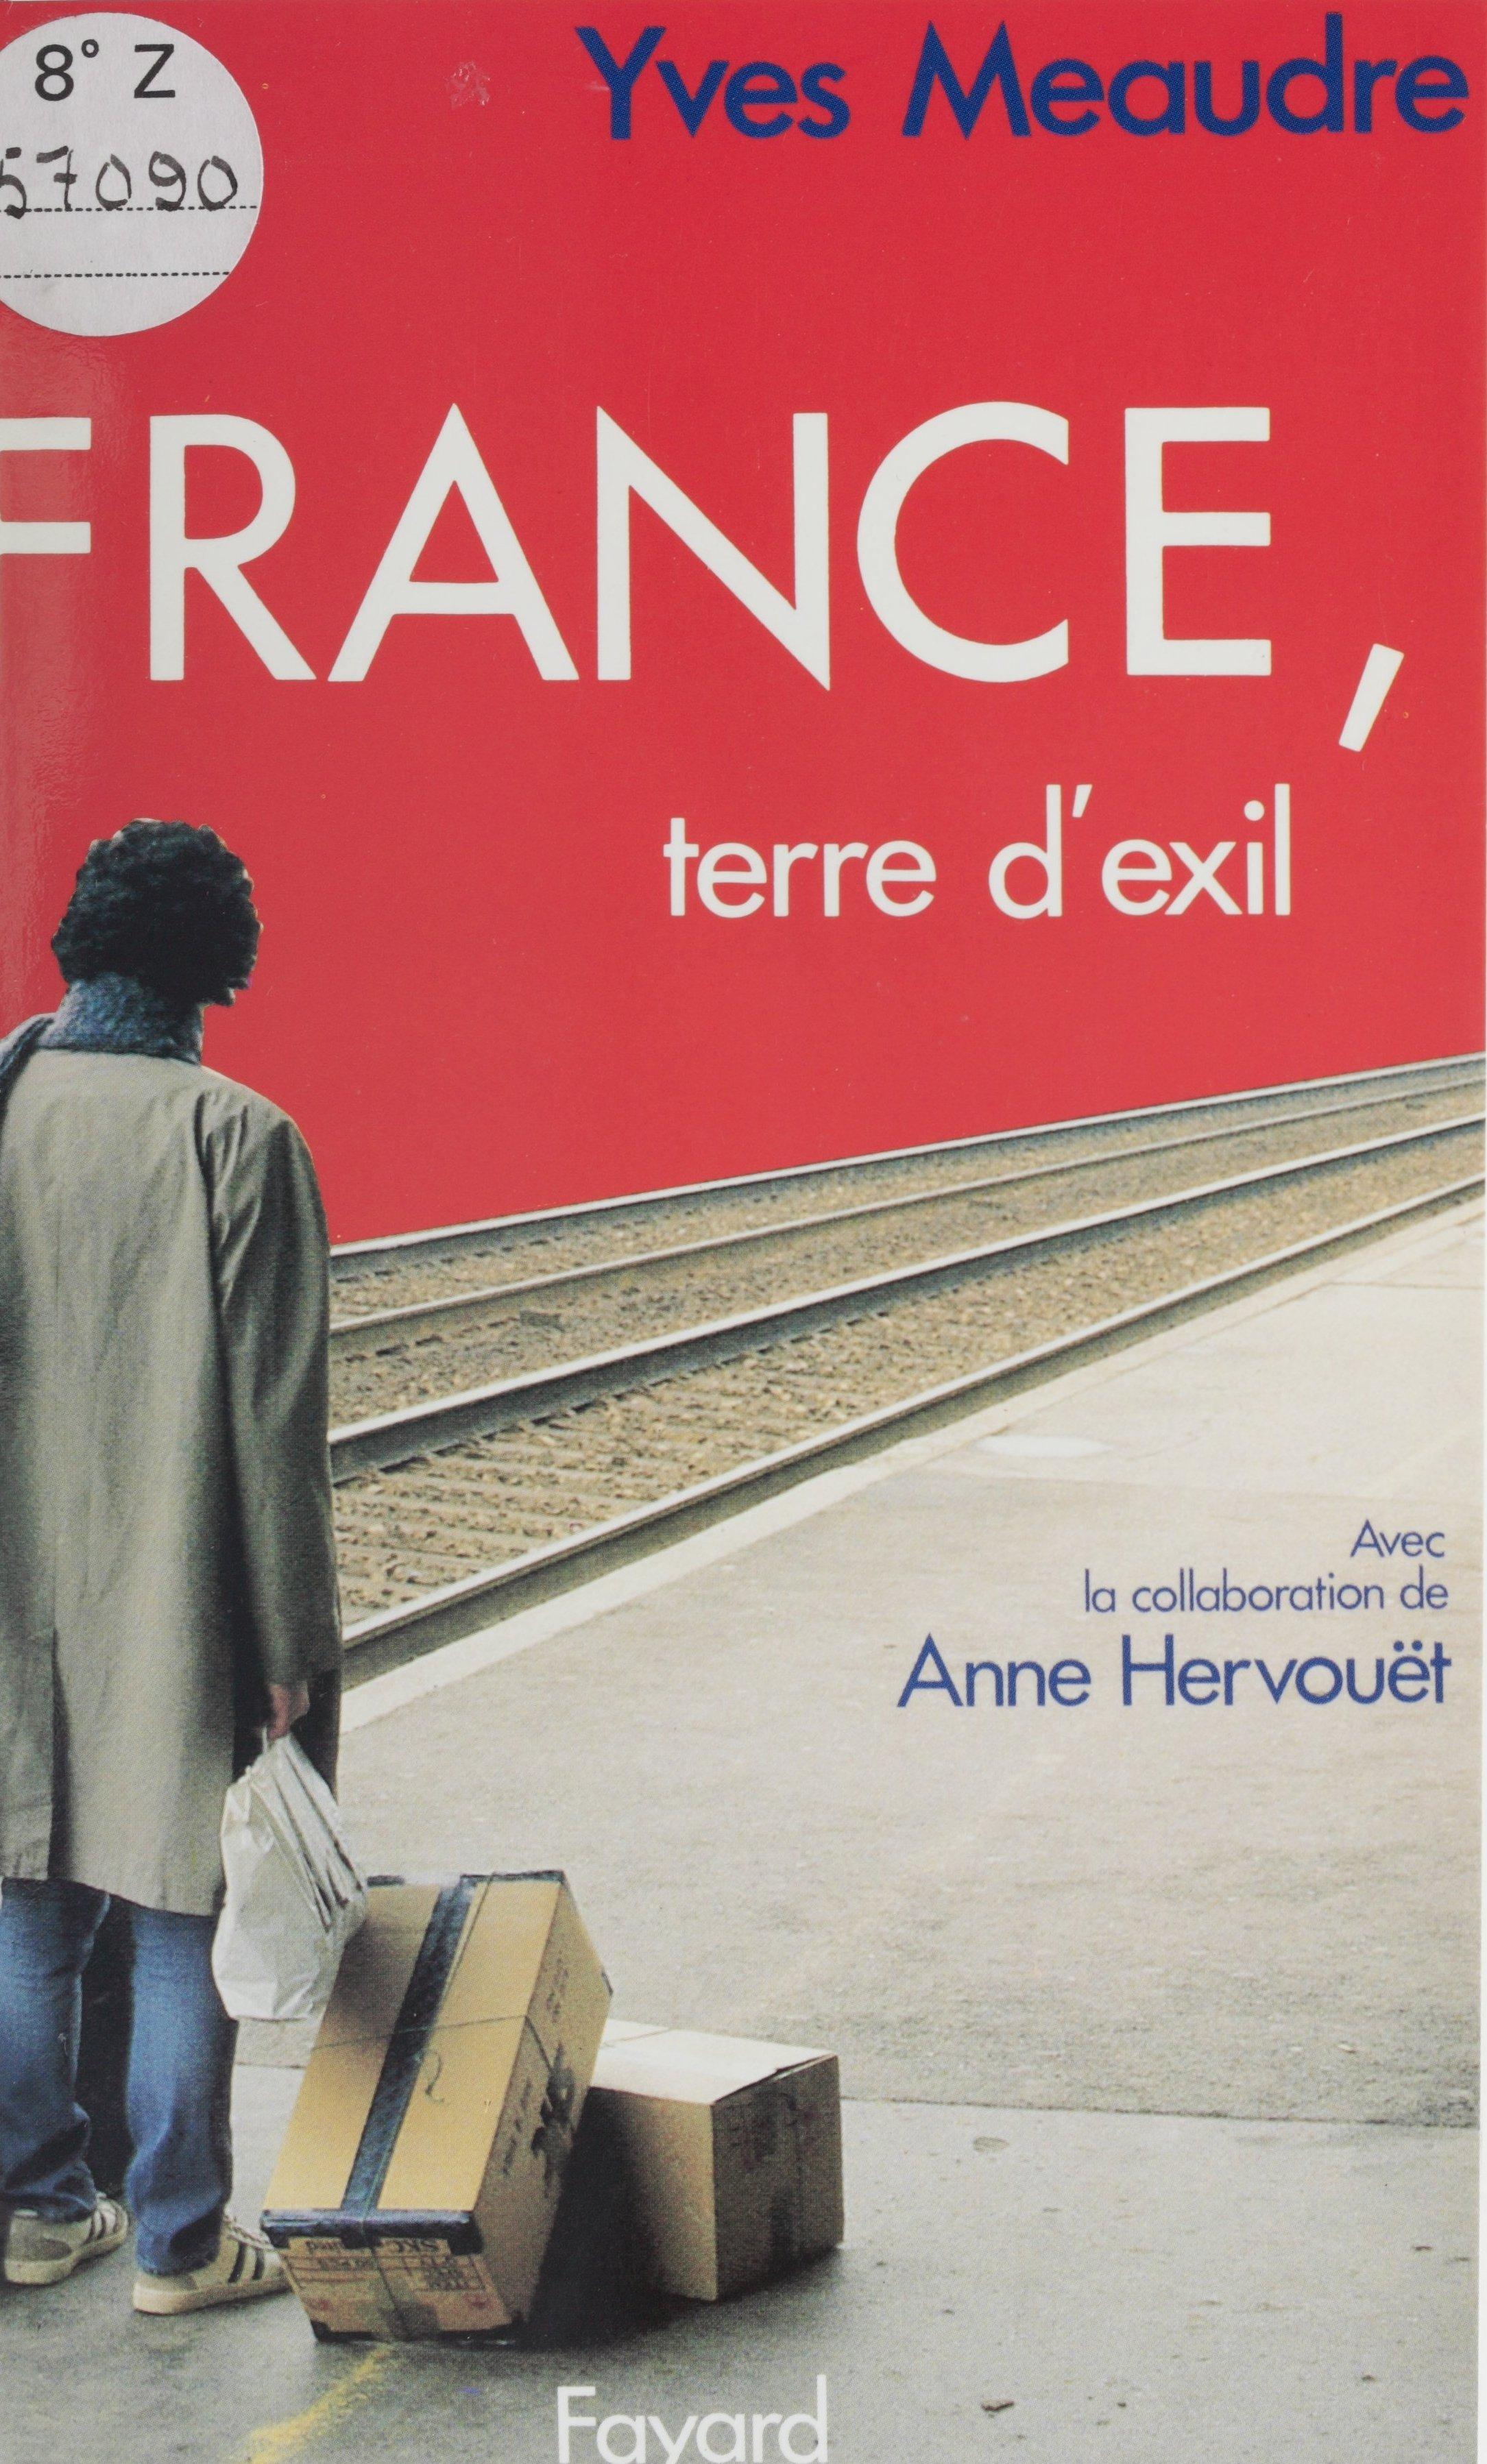 France, terre d'exil